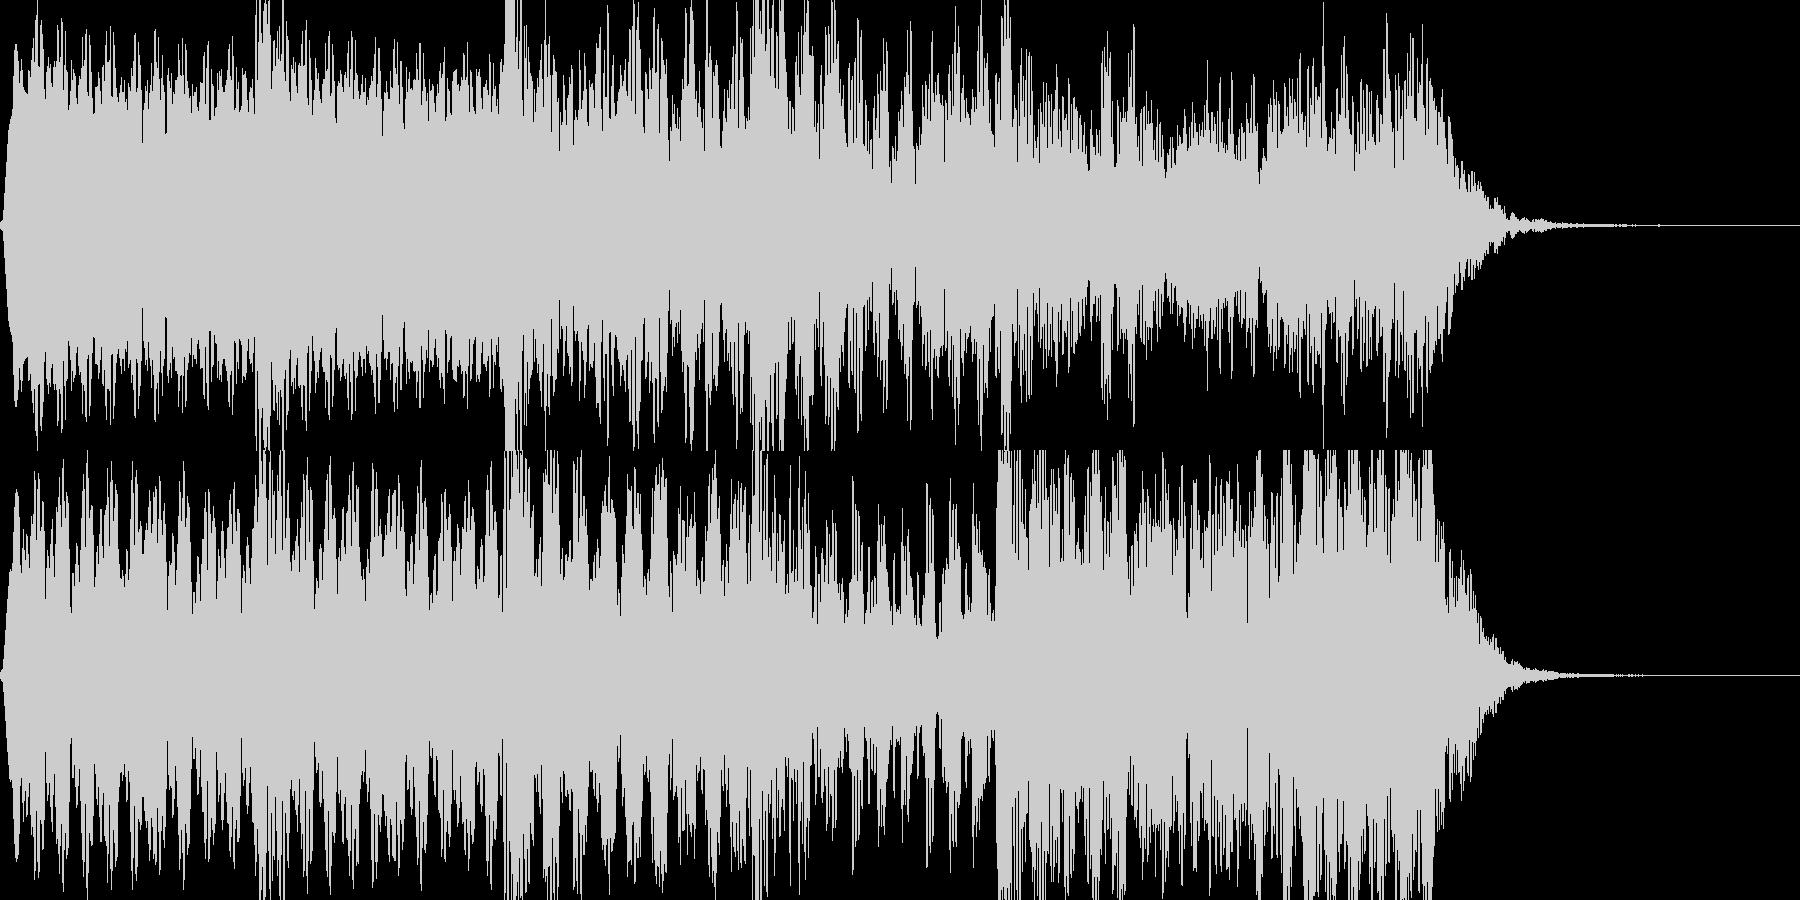 フルート 忍び寄る不穏な感じ コミカルの未再生の波形